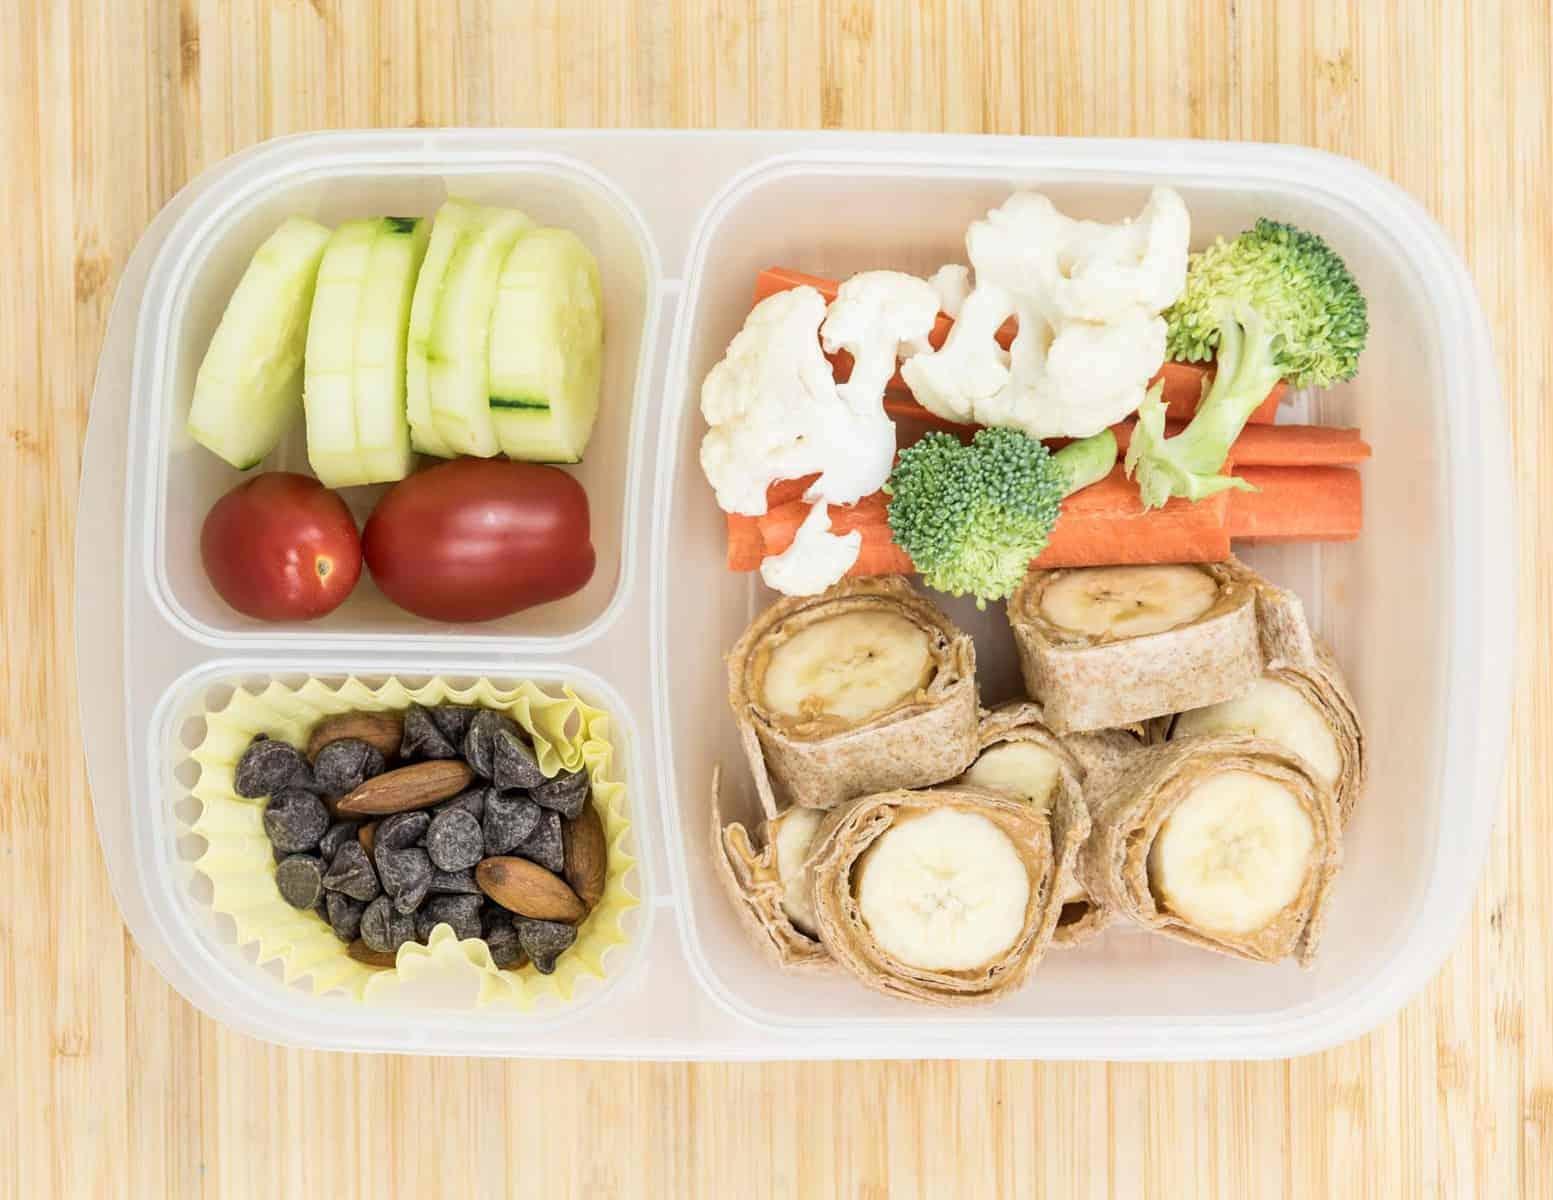 Lunch Box Ideas - Banana Sushi Lunch Box